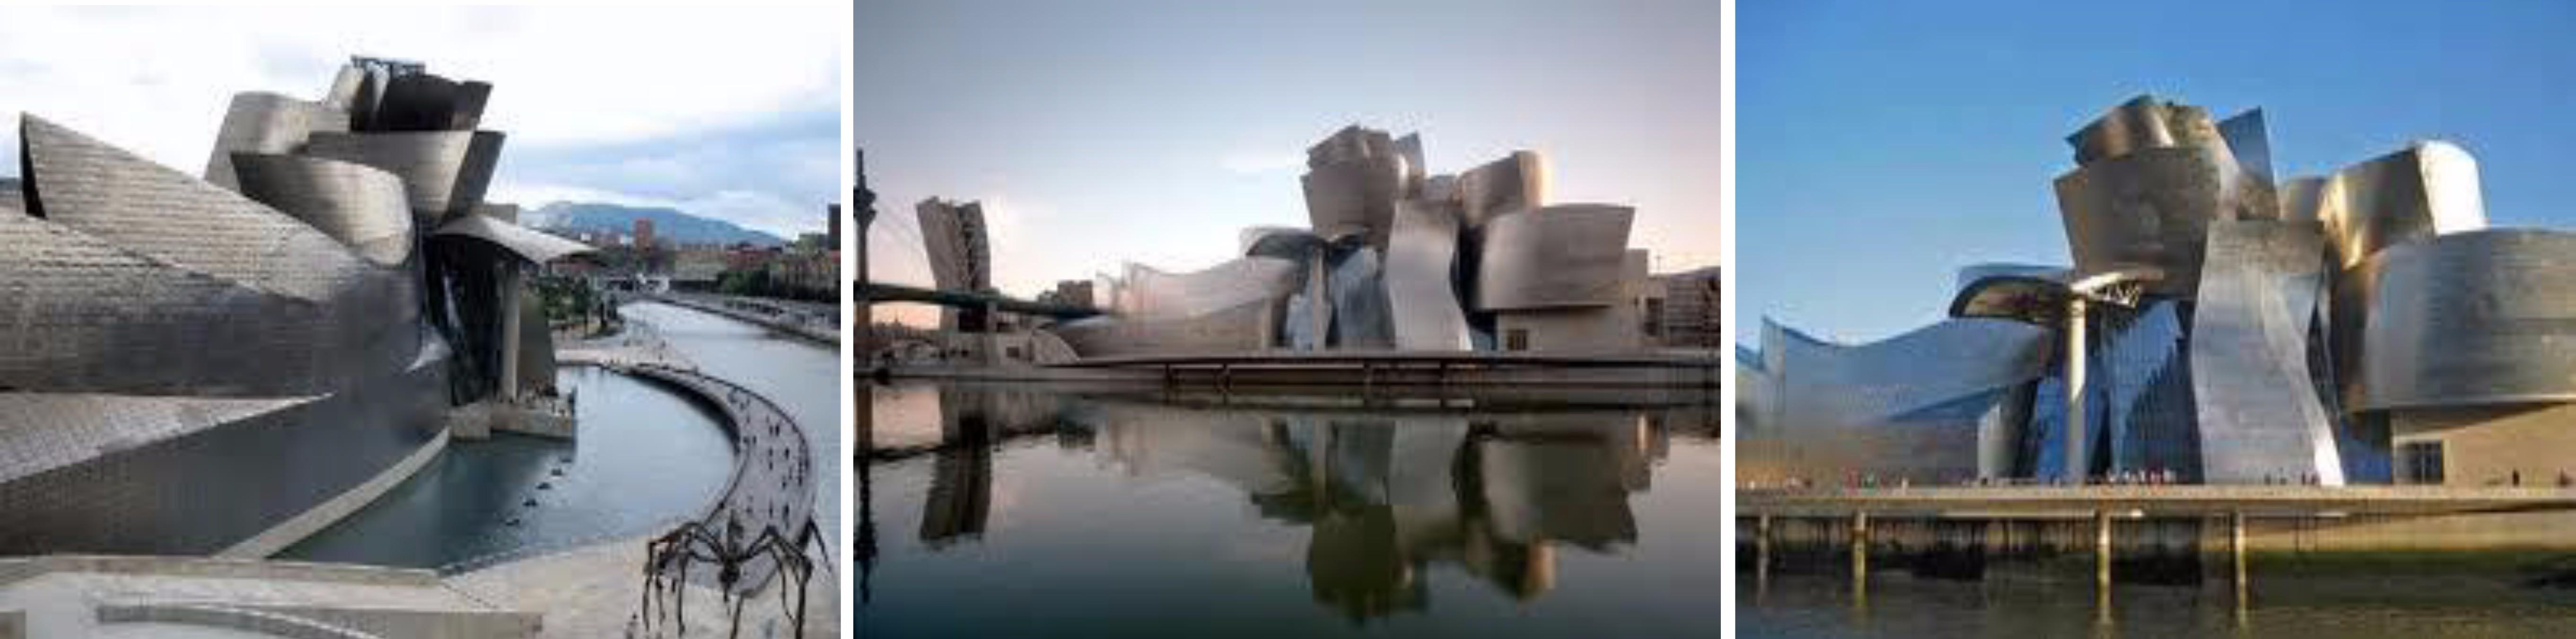 บิลเบา – พิพิธภัณฑ์กุกเกนฮาม – บิตอเรีย กาสเตย์ซ – บายาโดลิด - 2